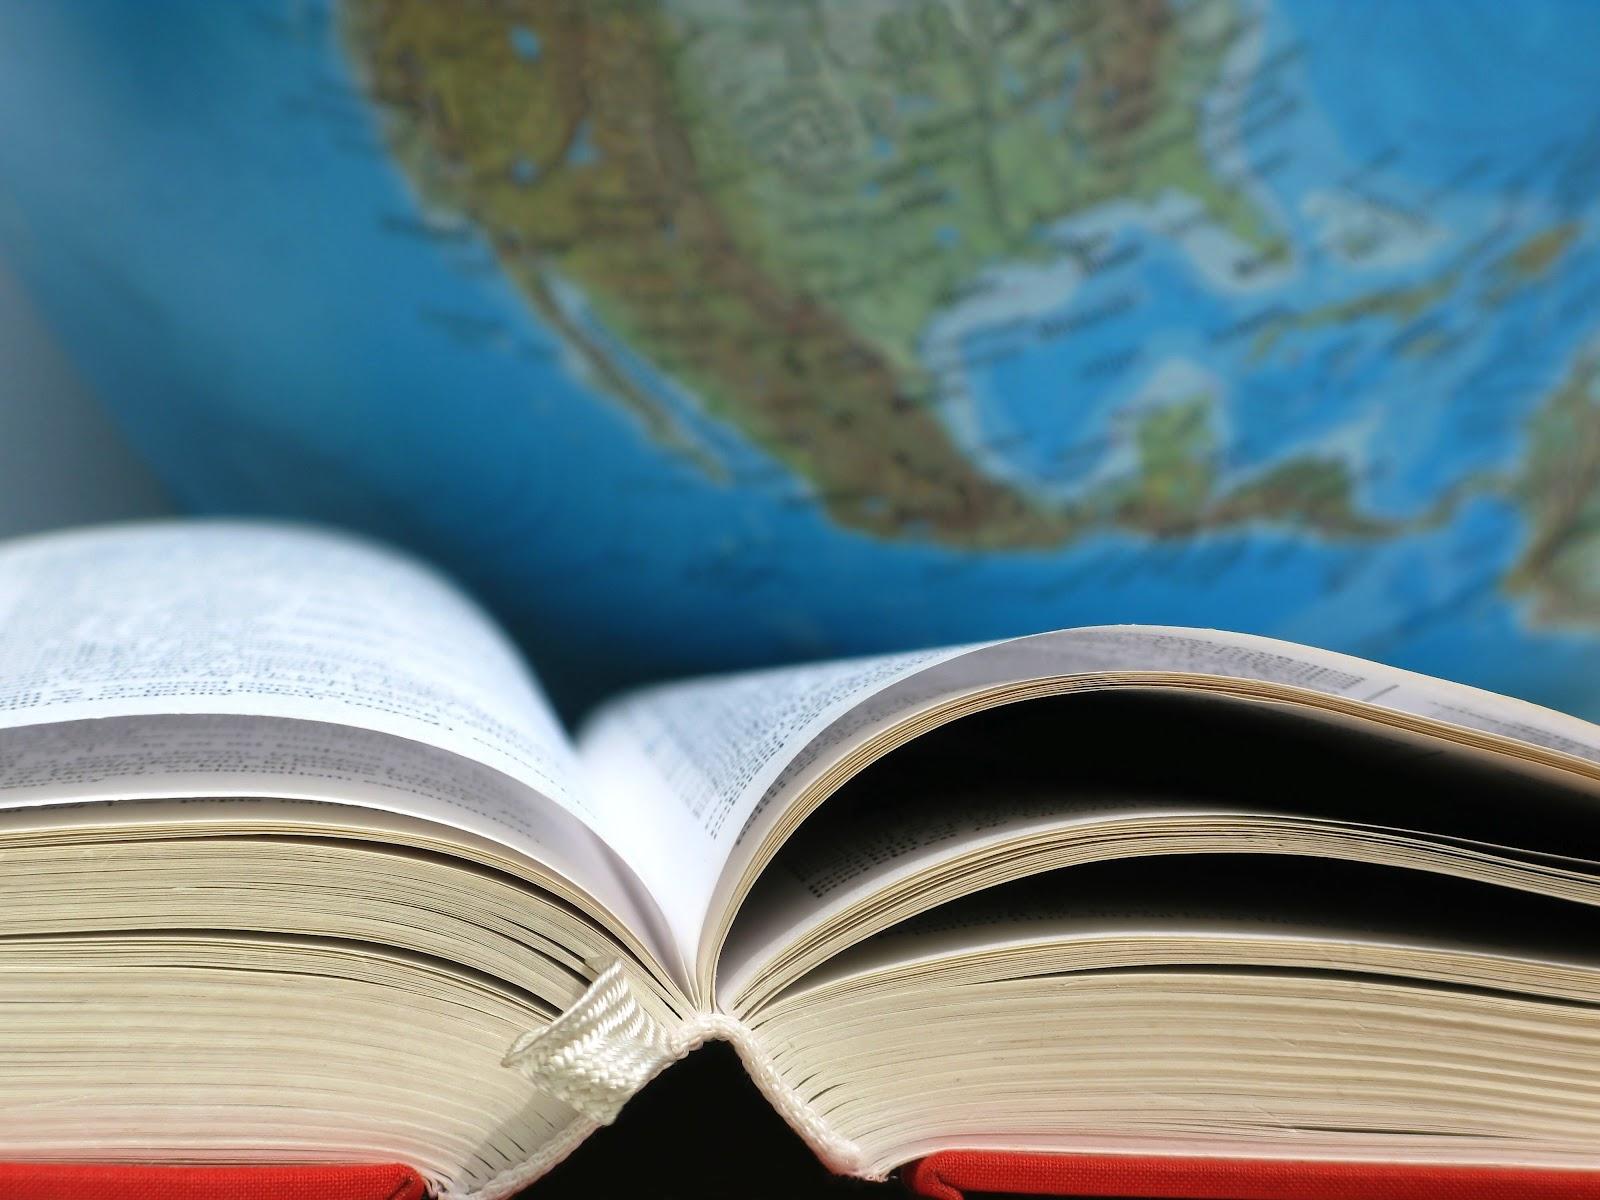 Imparare una lingua straniera in modo divertente e a stretto contatto con il paese ospitante? La risposta giusta è fare una vacanza-studio all'estero. Gli atenei italiani e le associazioni studentesche offrono [...]